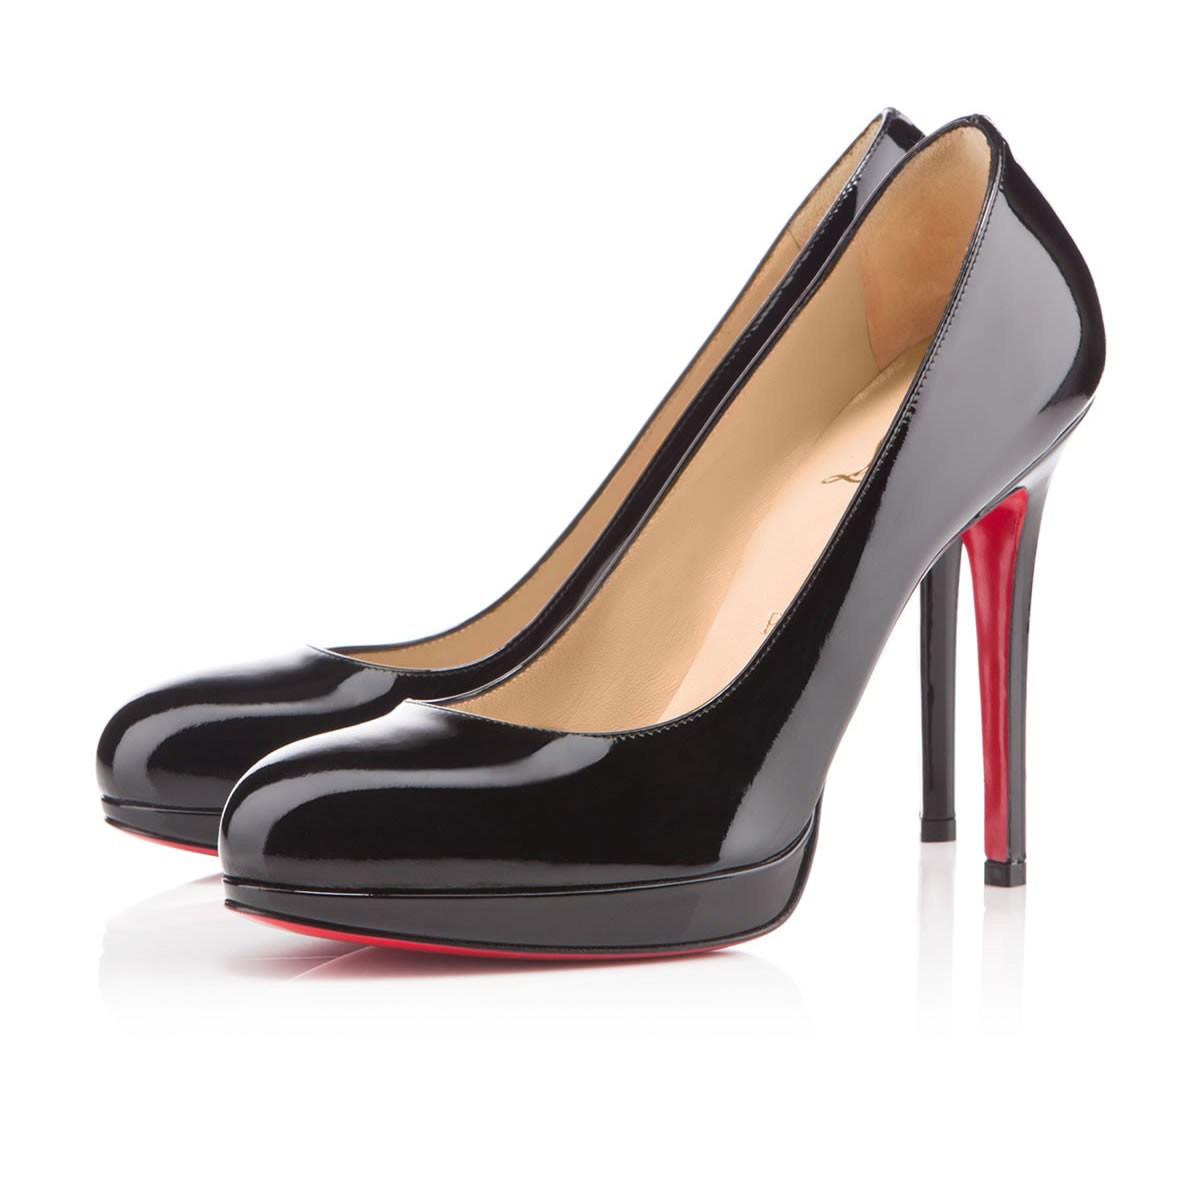 Лабутены женские туфли: фото, как выглядят